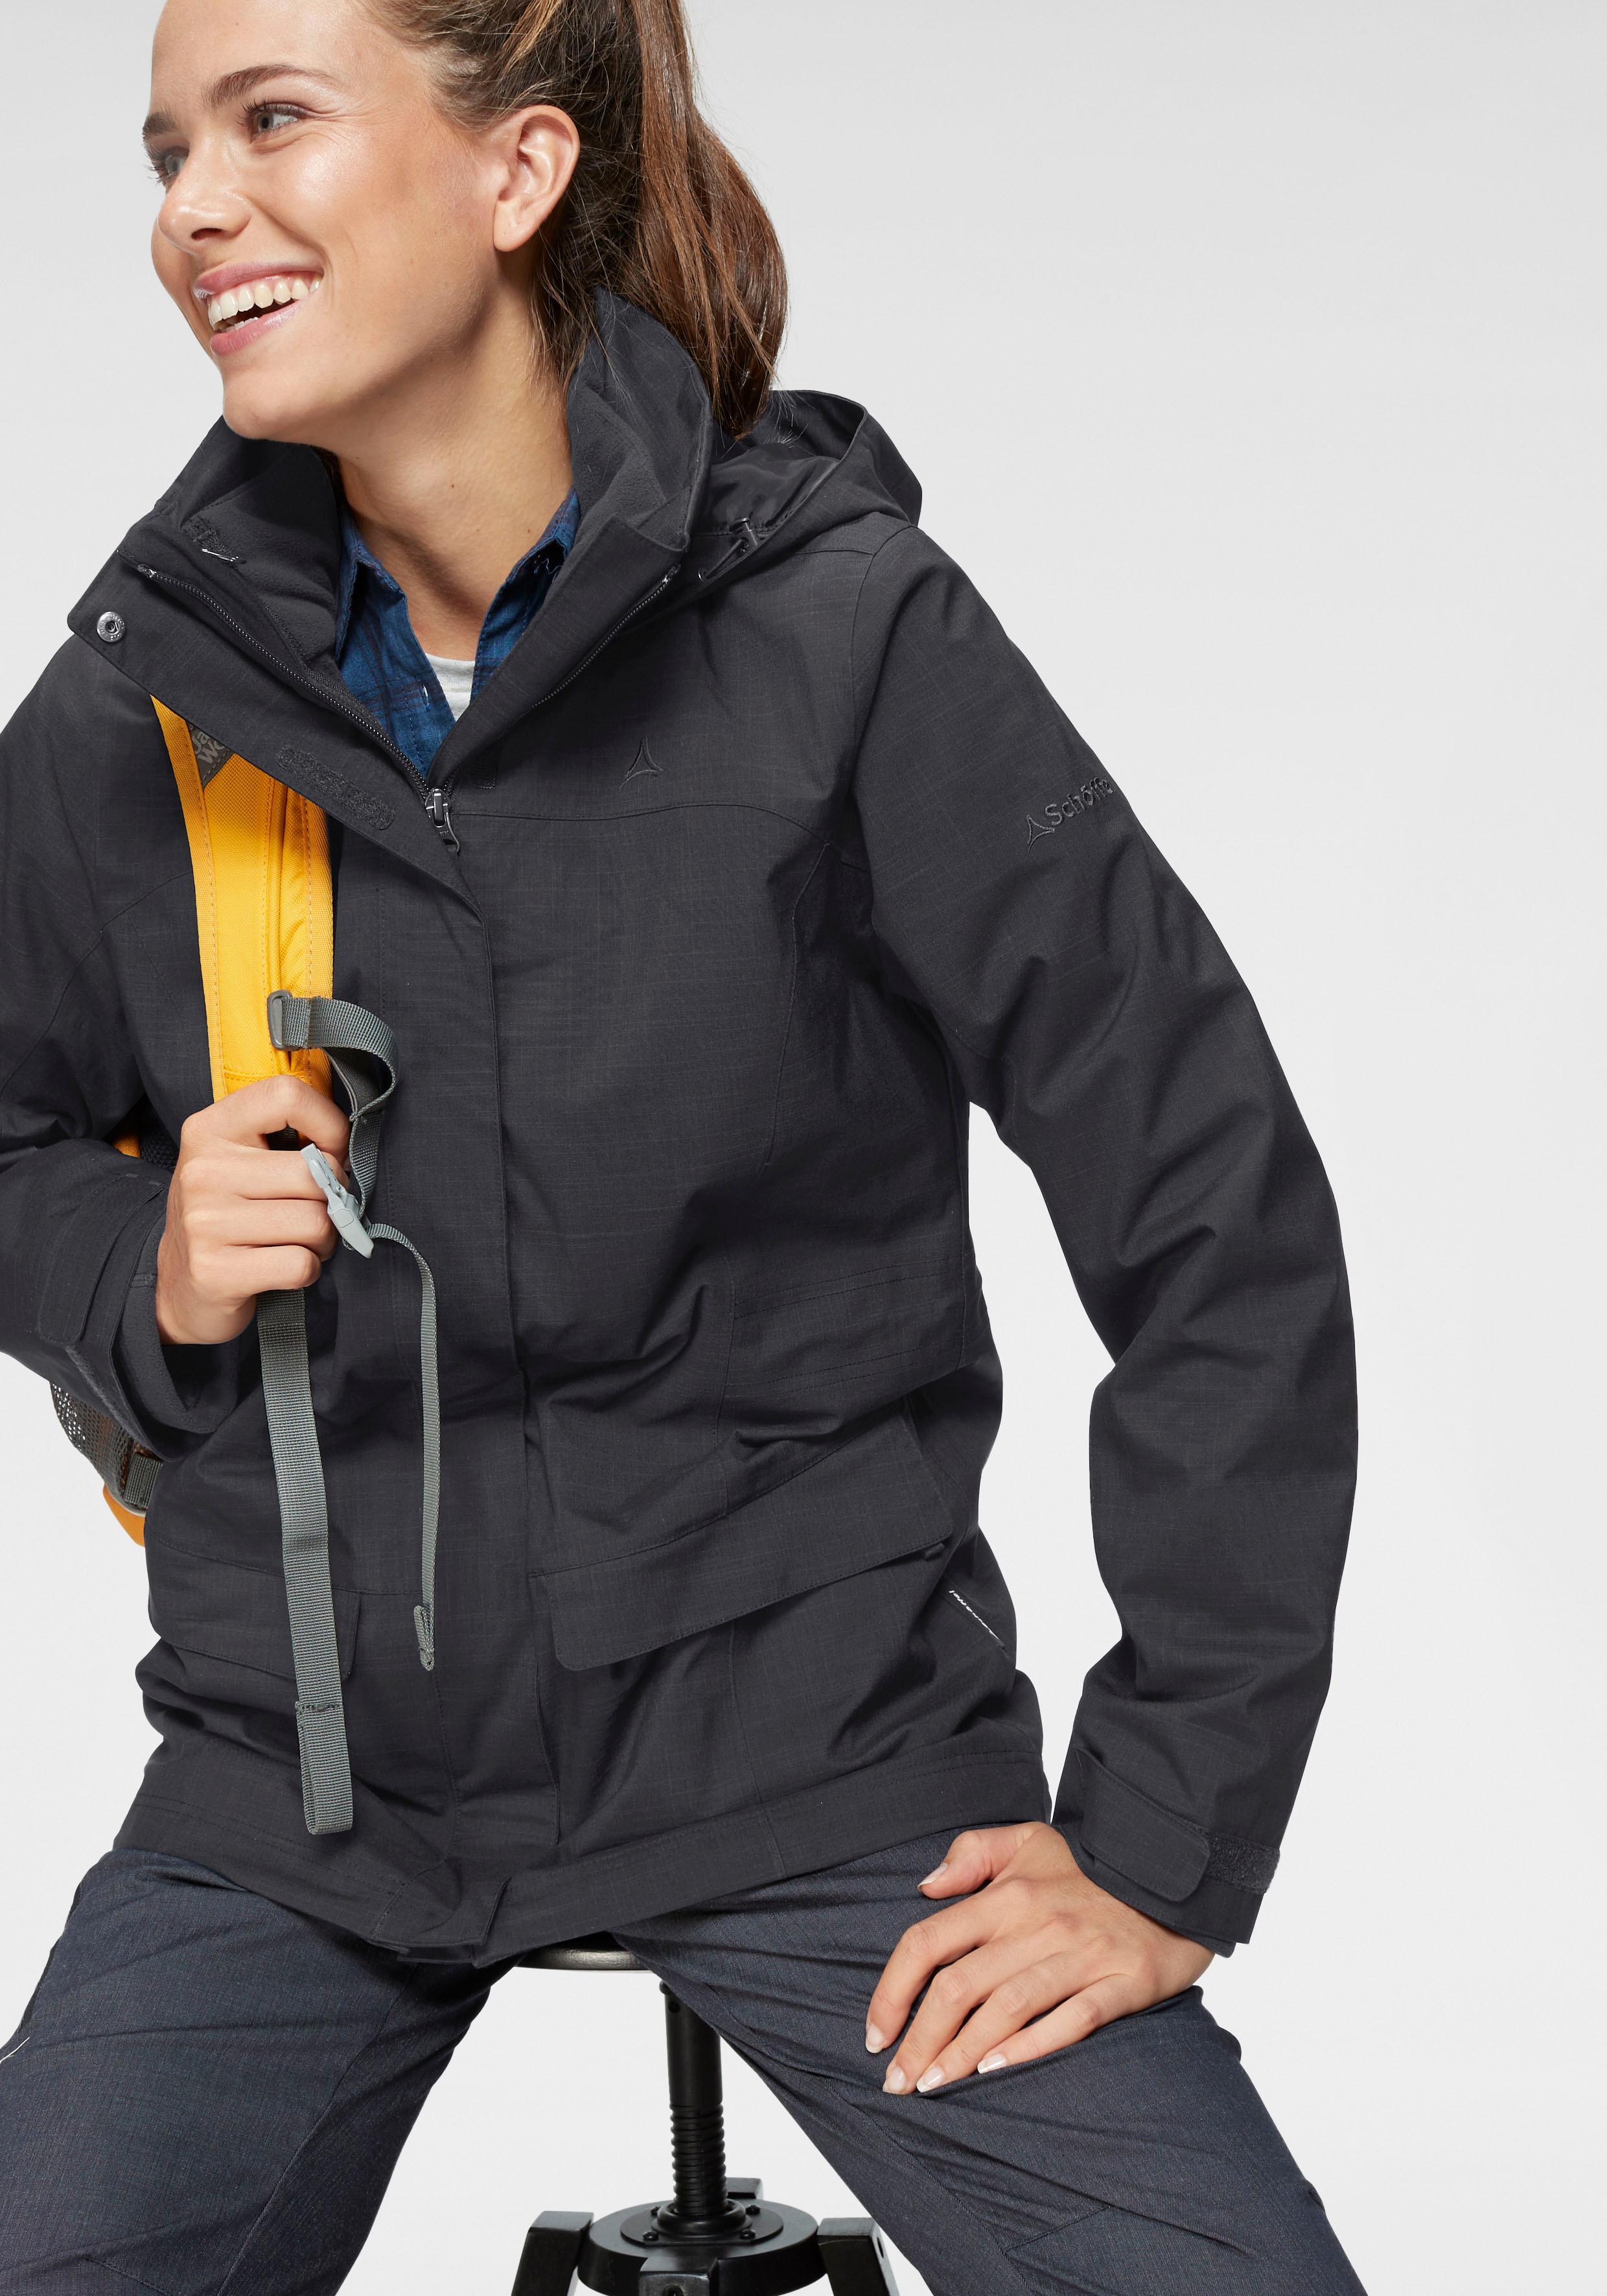 Schöffel 3-in-1-Funktionsjacke TAIPEH | Bekleidung > Jacken > Funktionsjacken | Schöffel